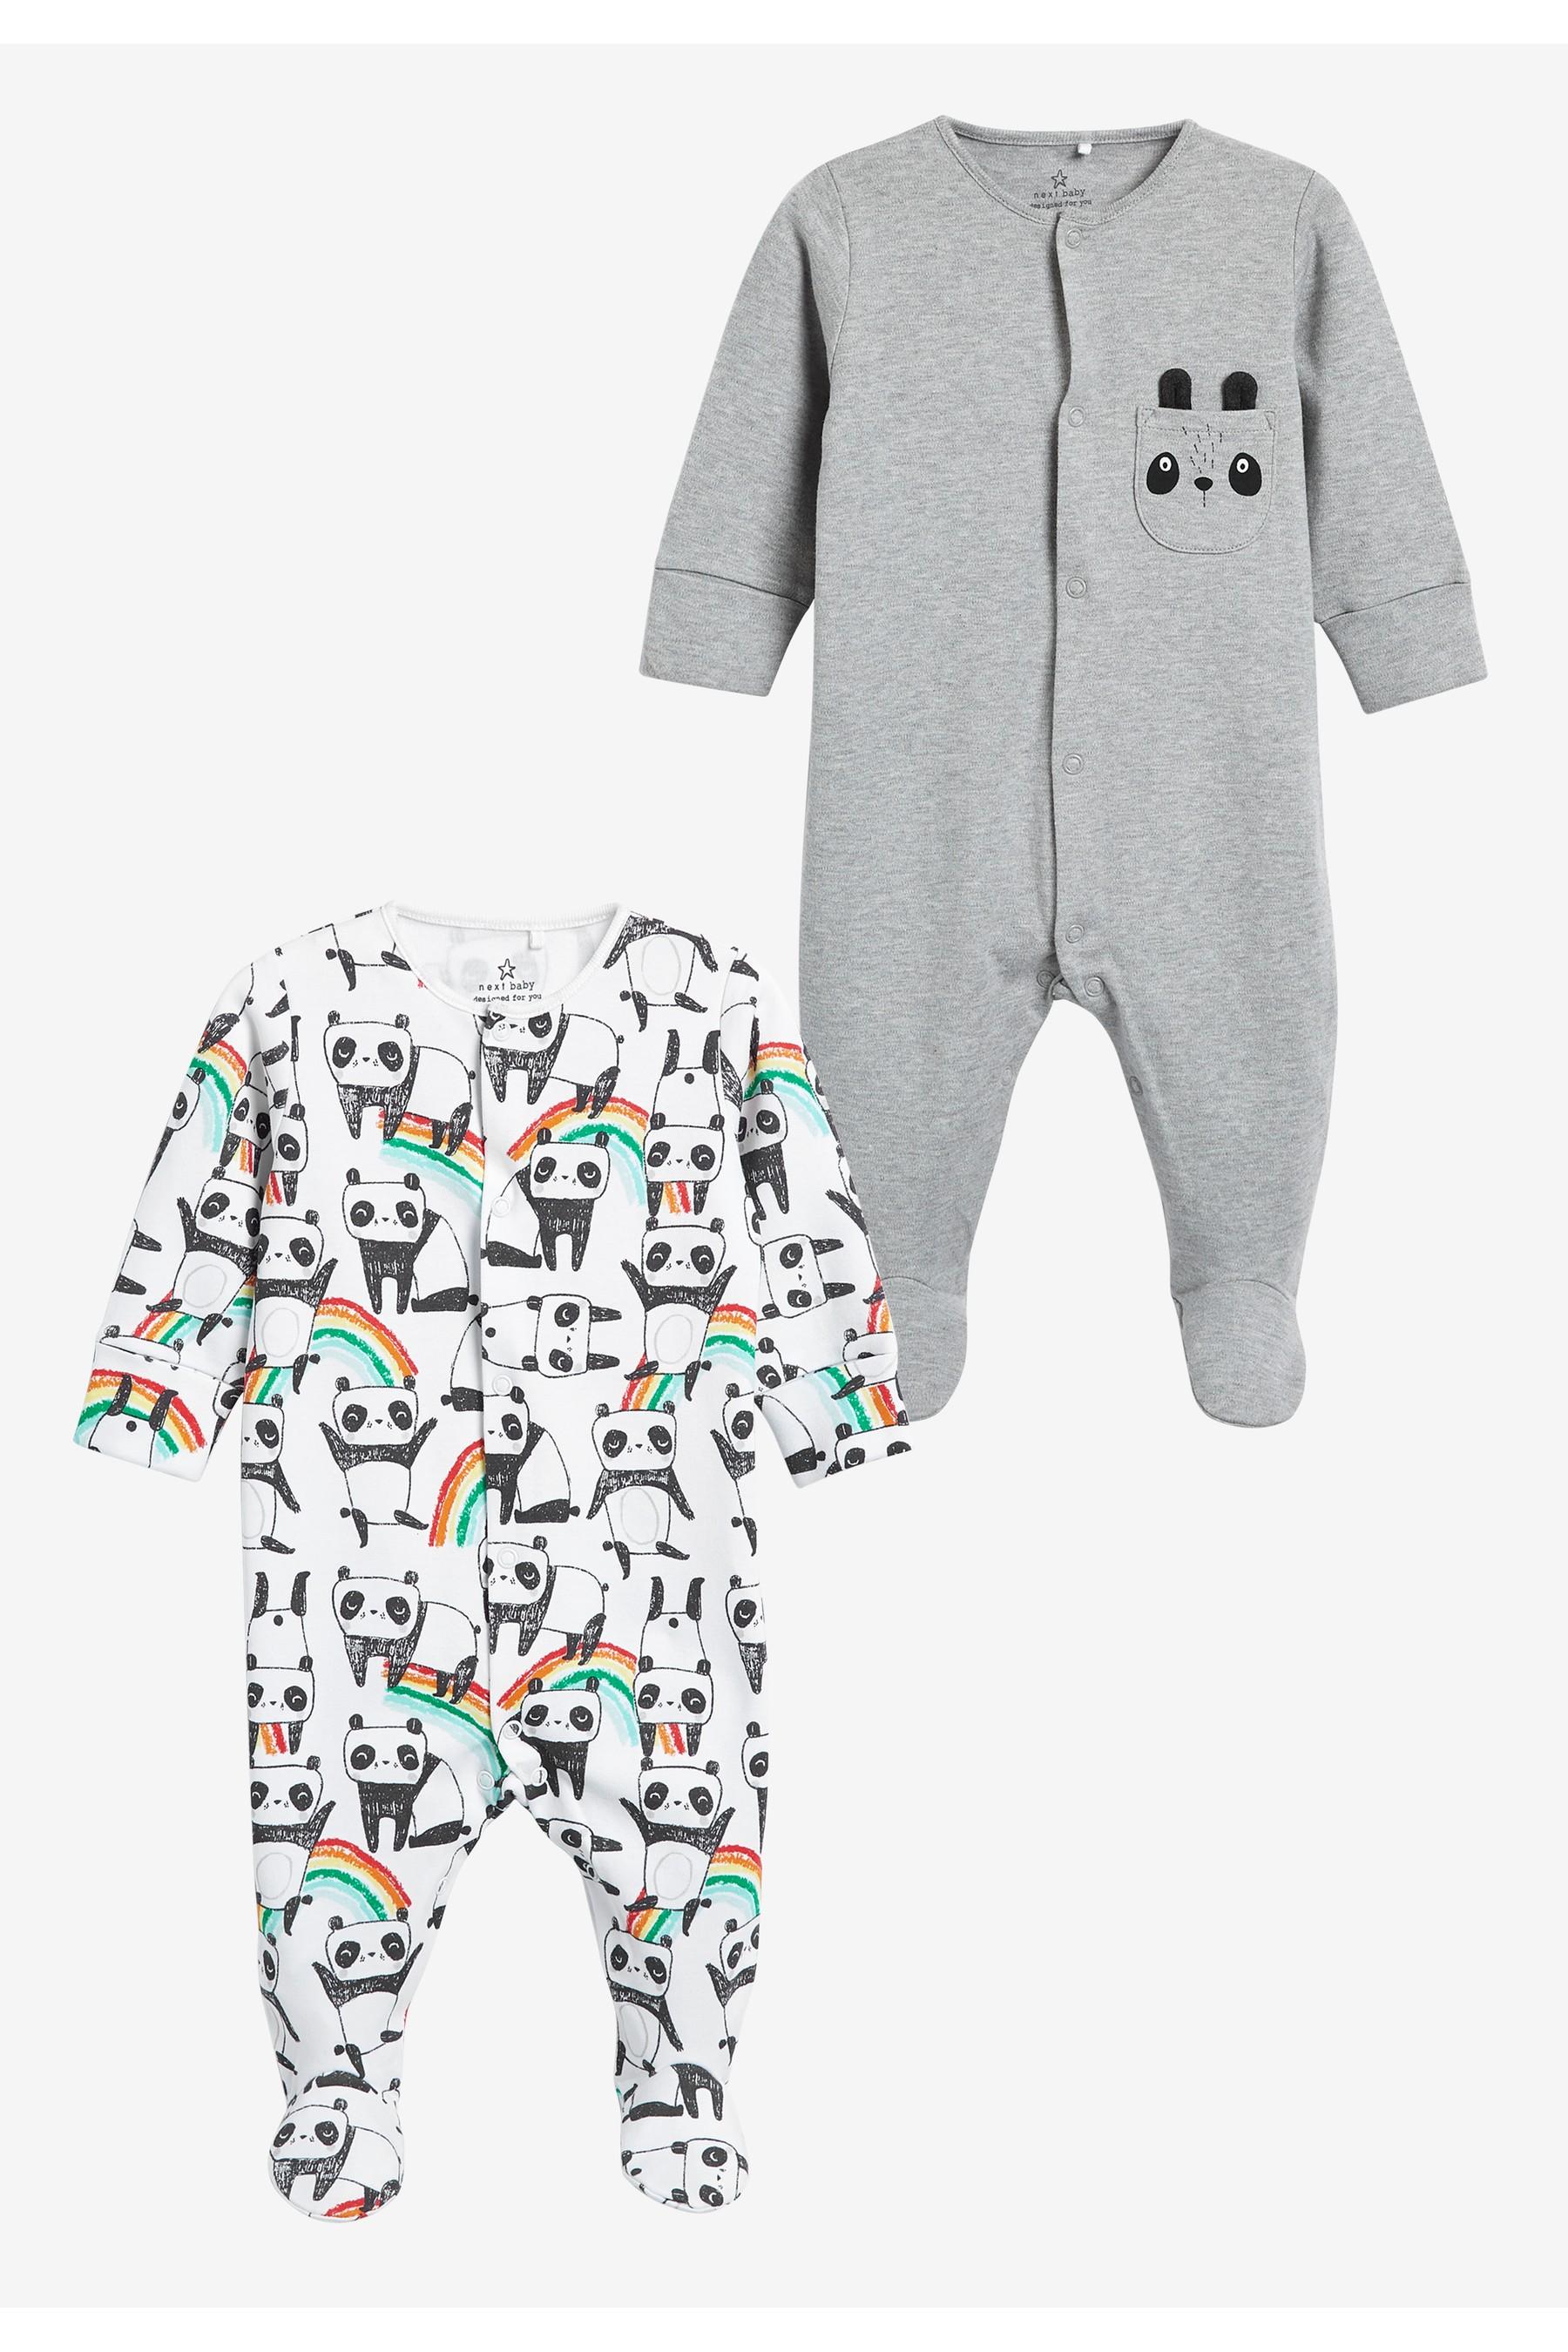 英国代购NEXT童装 19春夏款男婴宝宝棉质熊猫卡通长袖连体衣爬服